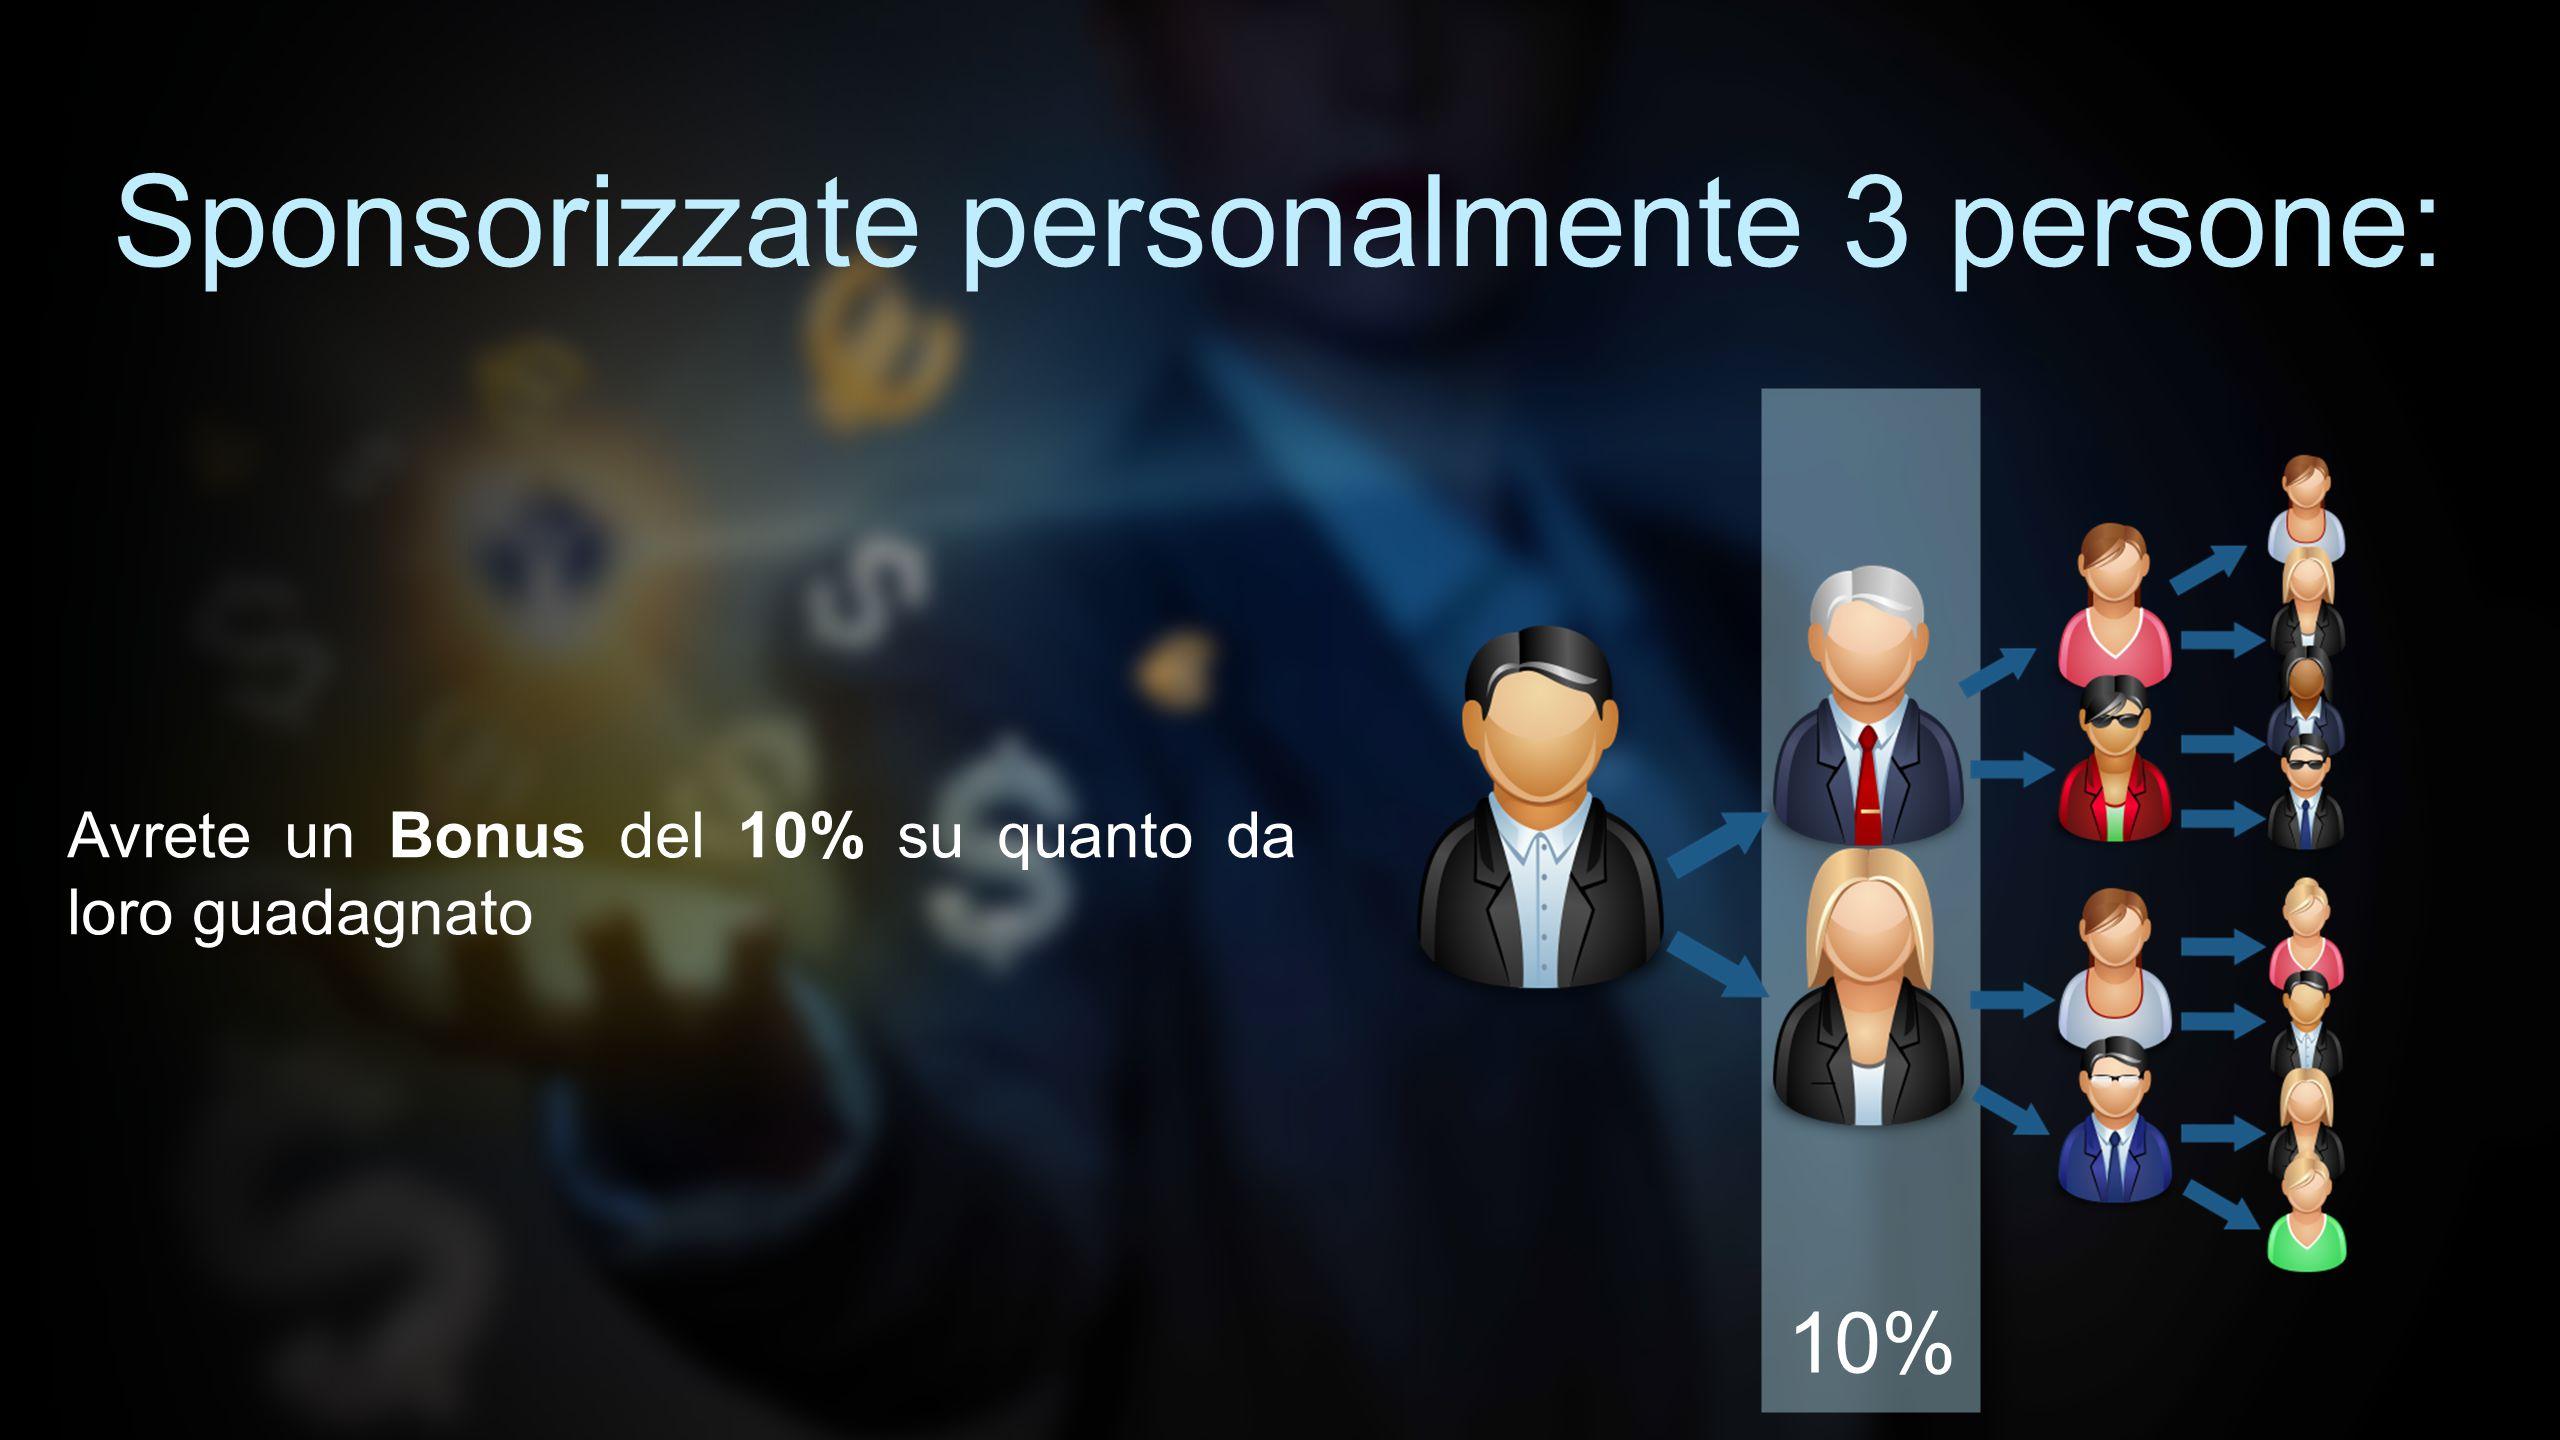 Sponsorizzate personalmente 3 persone: Avrete un Bonus del 10% su quanto da loro guadagnato 10%